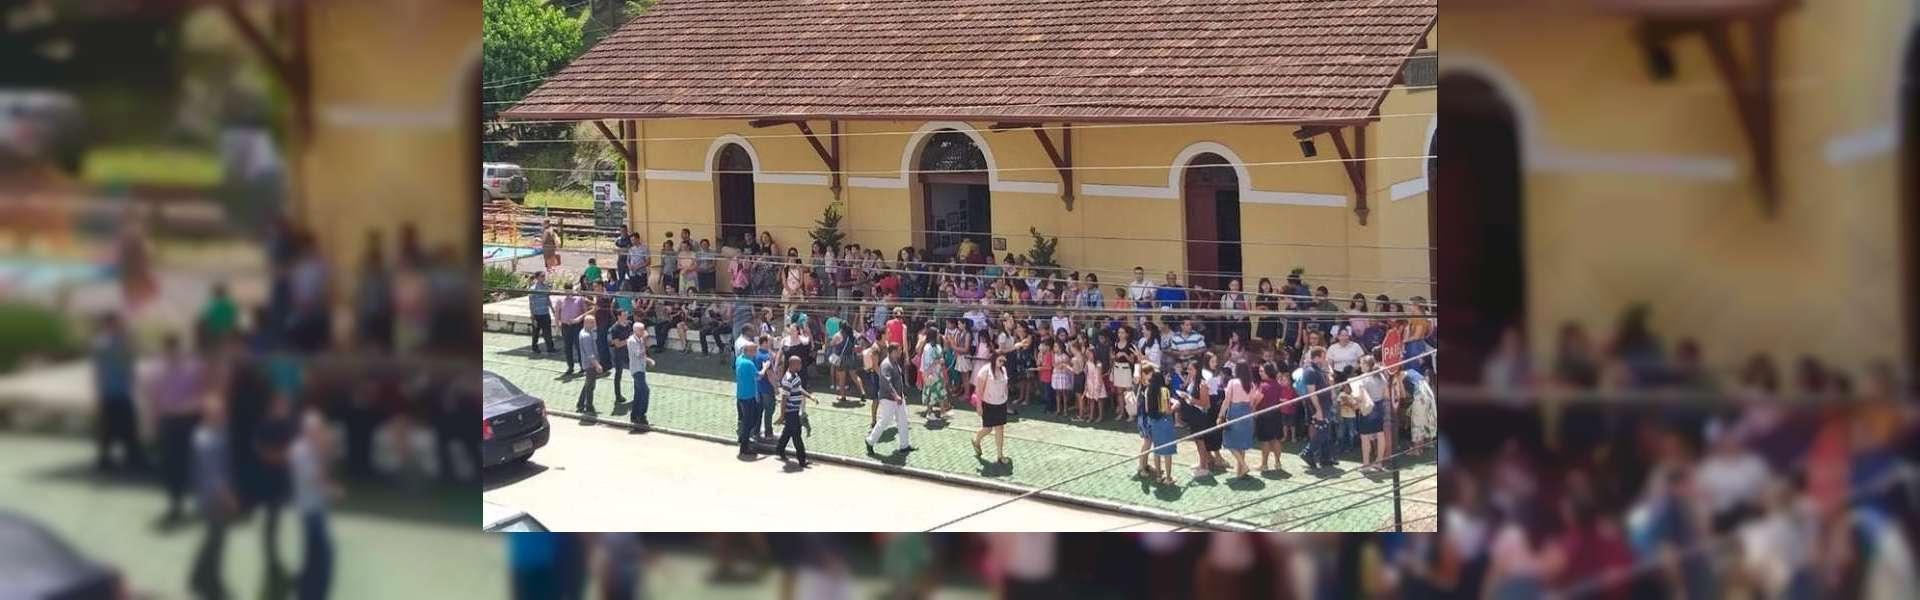 Evangelização de Projeto Aprendiz preenche arredores da Estação Ferroviária em Marechal Floriano, ES